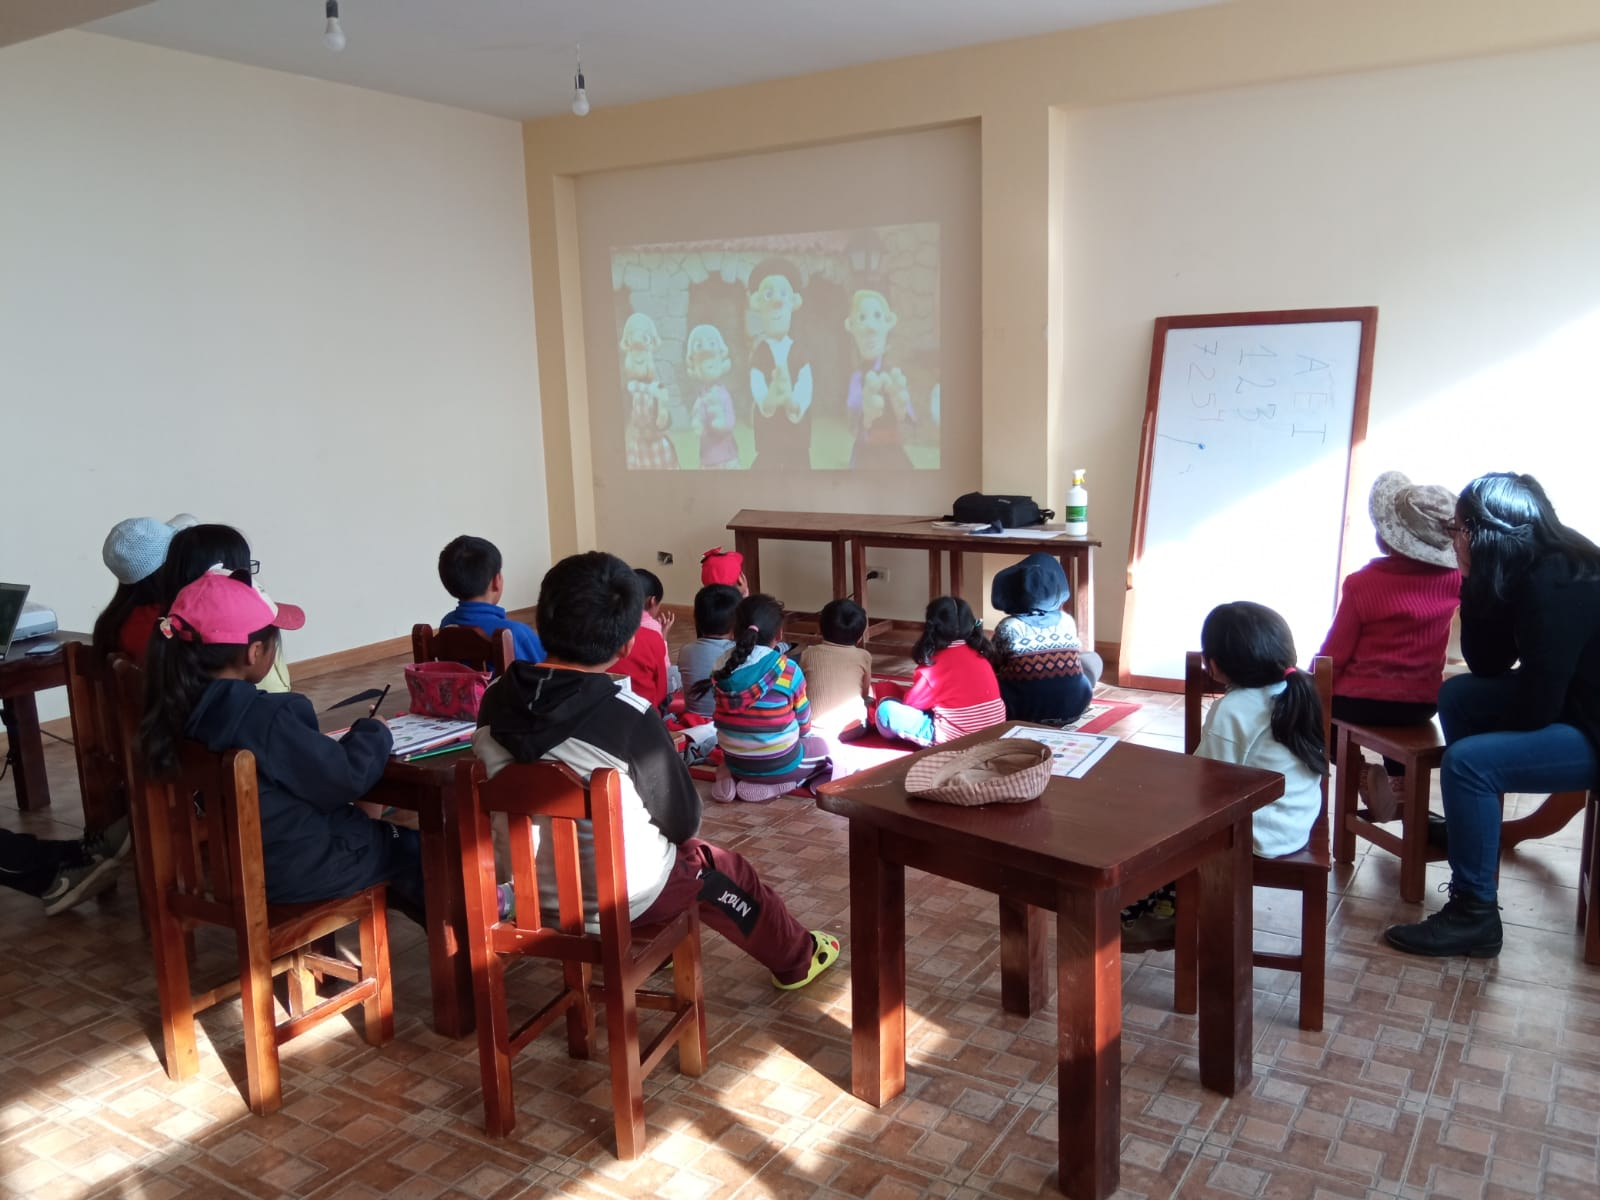 El Festival Kolibrí, en su decimoquinta edición, lleva la cultura audiovisual niñas, niños y adolescentes